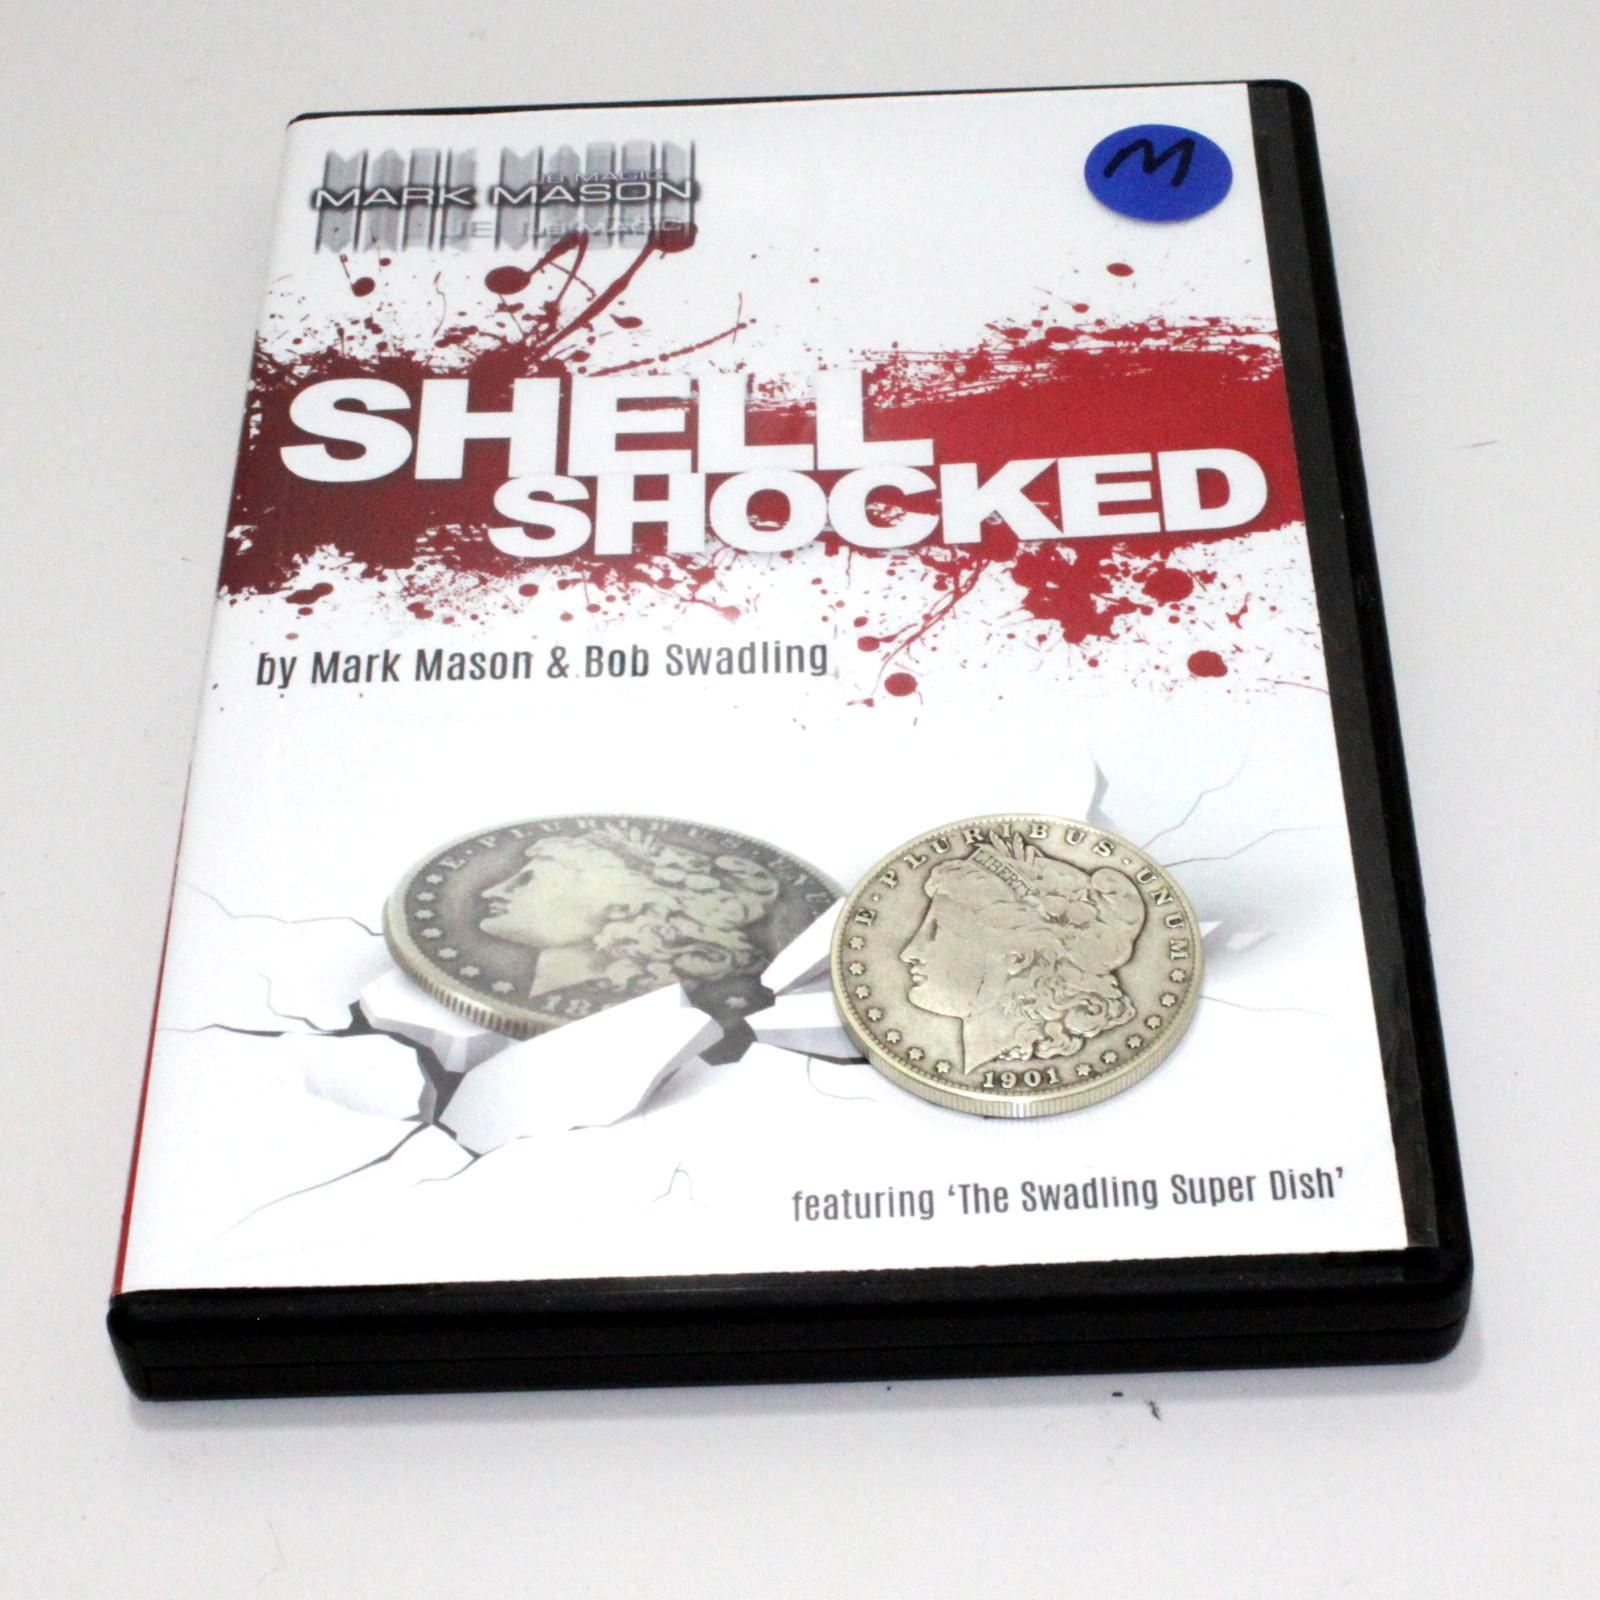 Shell Shocked (Silver Morgans) by Mark Mason and Bob Swadling